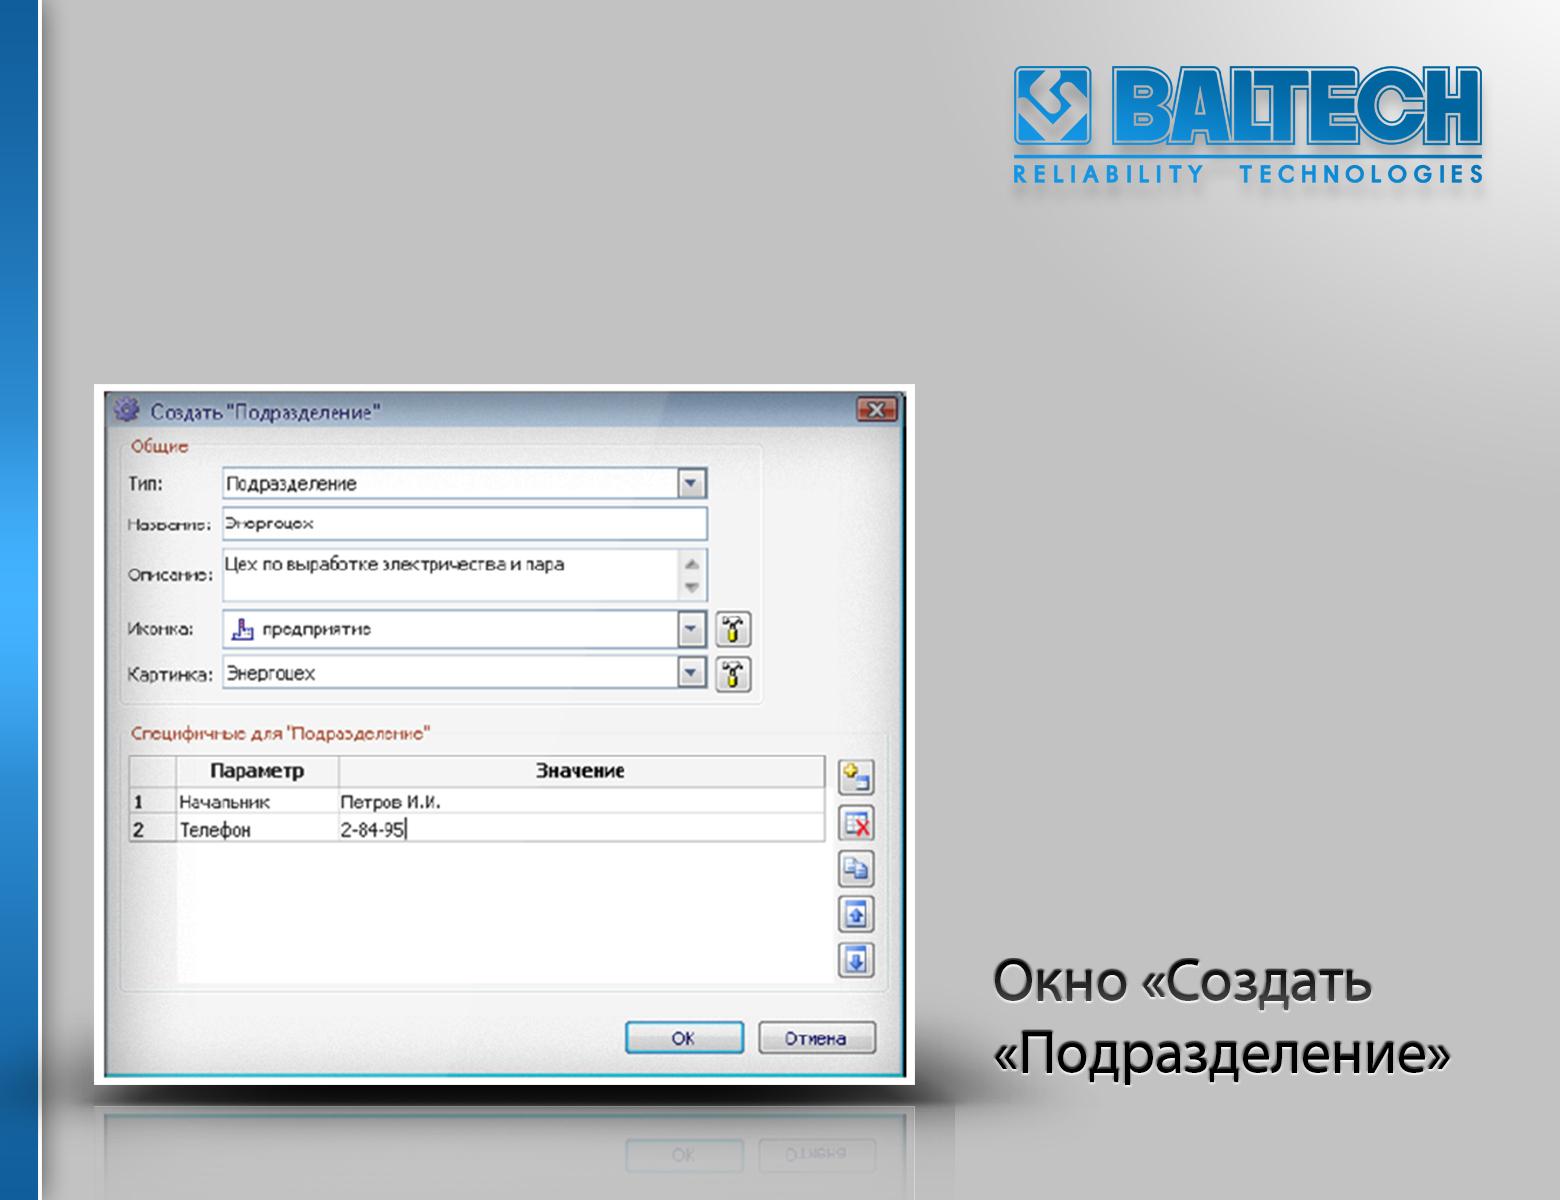 Программное обеспечение BALTECH-Expert, конфигурация, вибродиагностика, термография, анализ масел